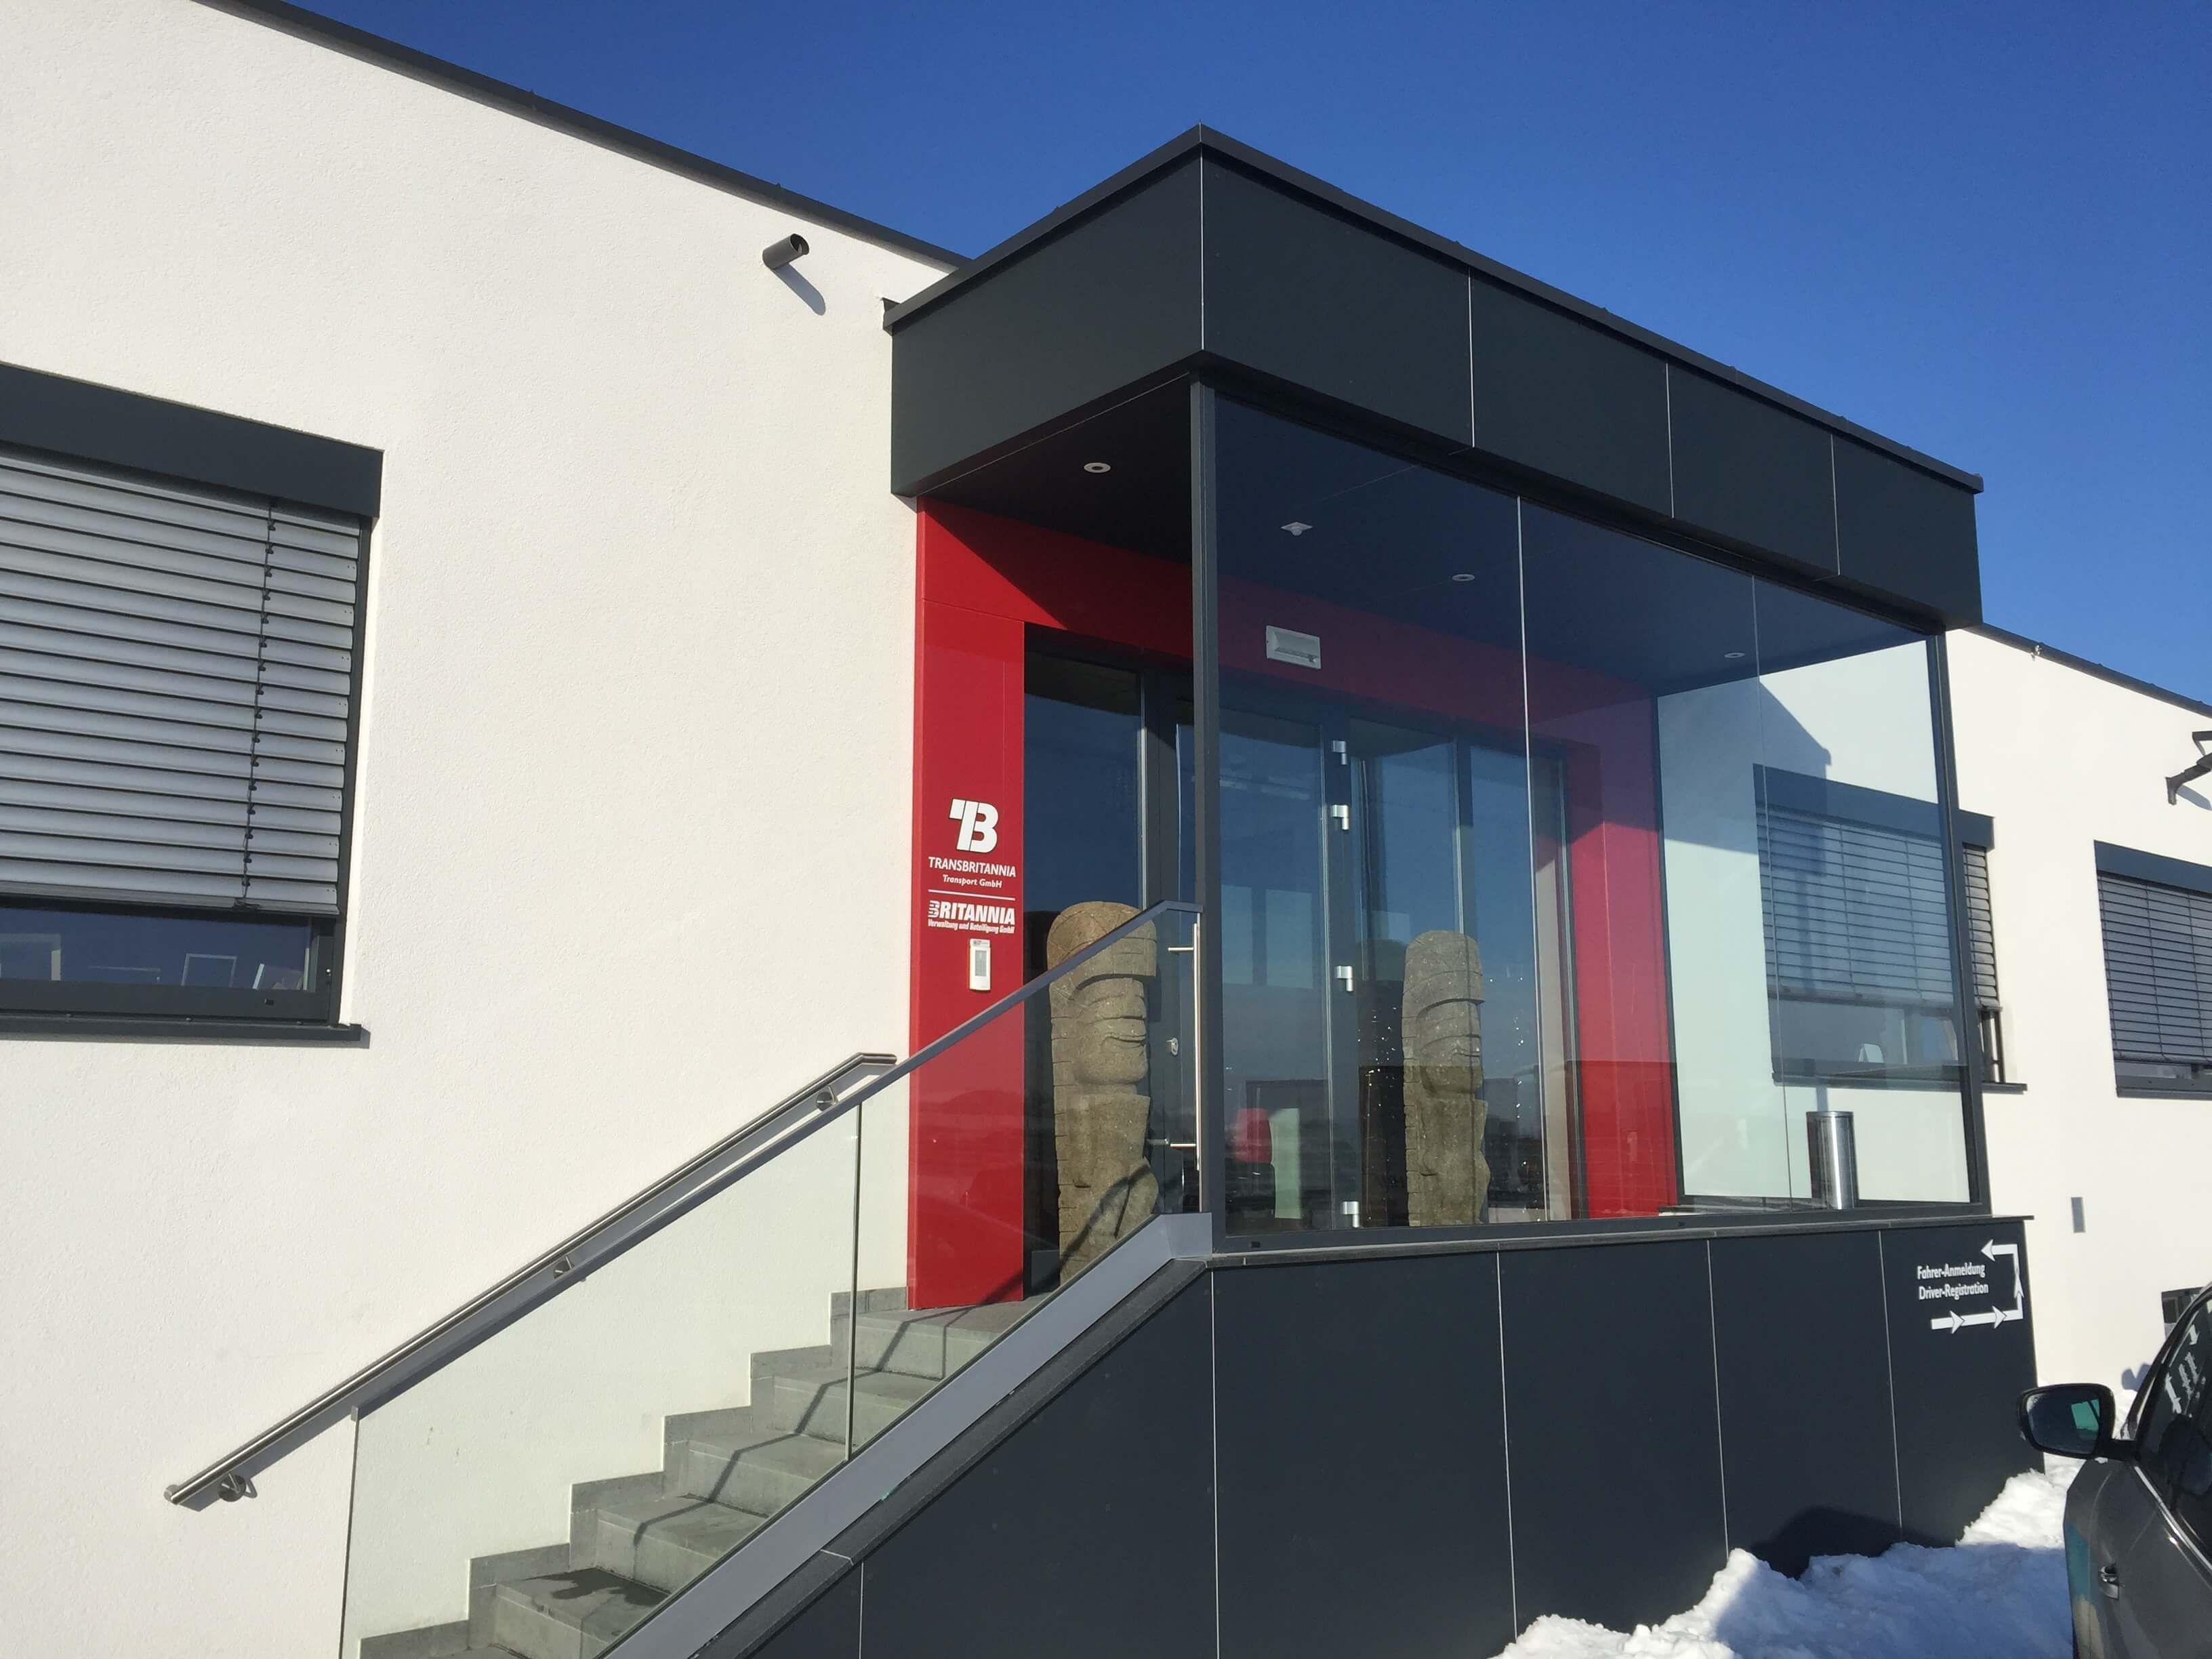 Schön Windfang Hauseingang Geschlossen Ideen Von Für Eingangsbereich